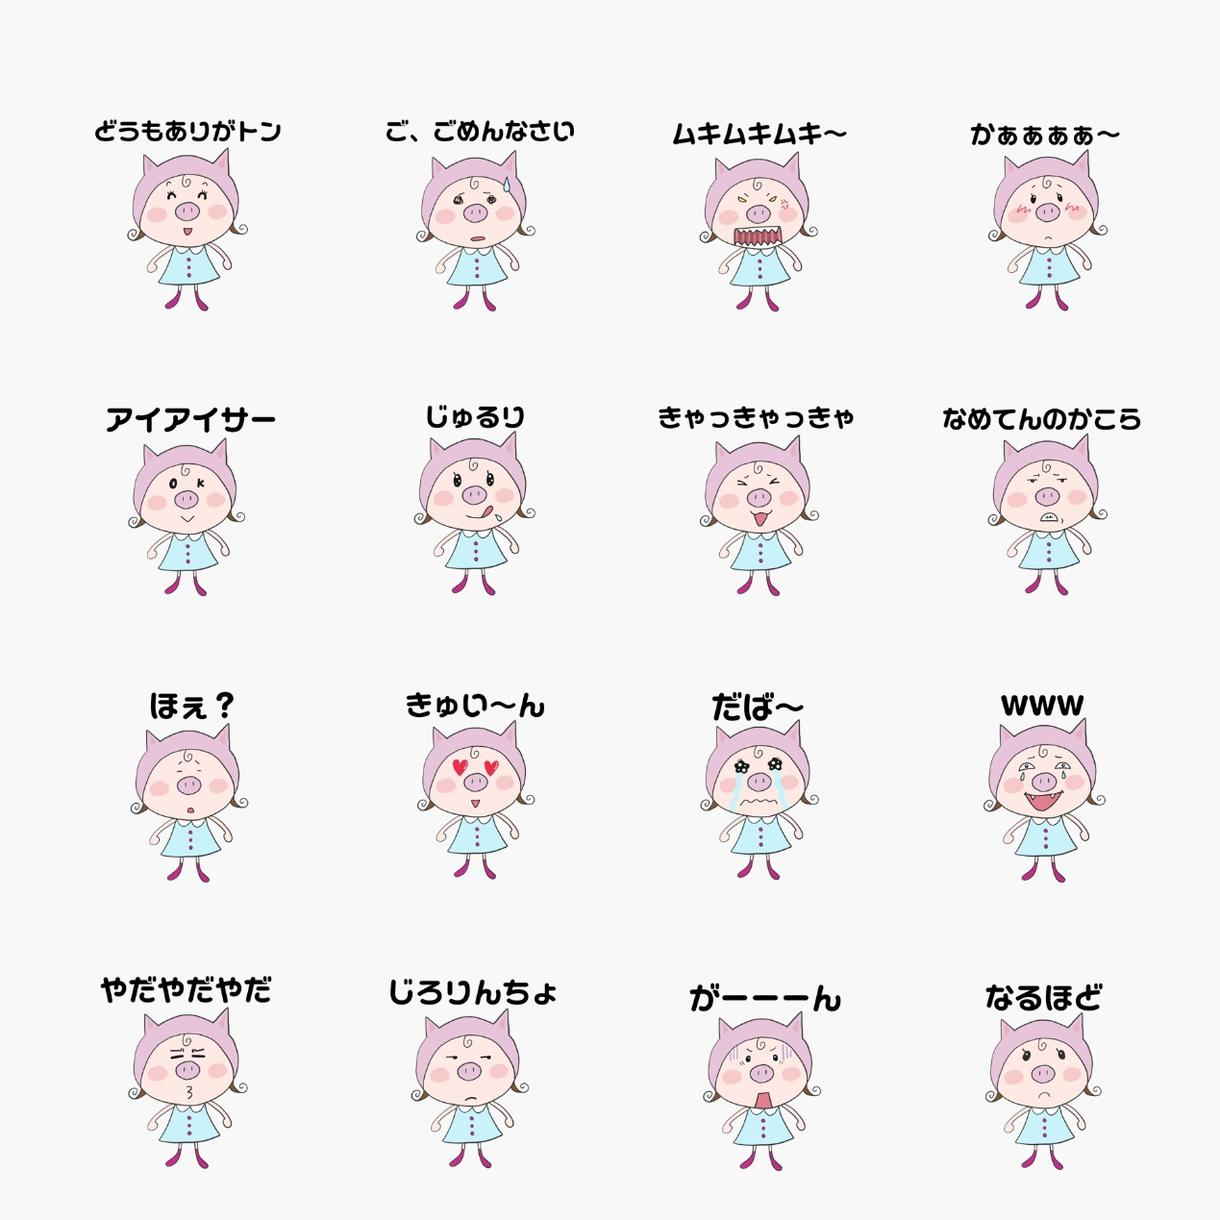 アイコン・LINEスタンプ・似顔絵描きます 先着10名限定・基本料半額/2,000円→1,000円